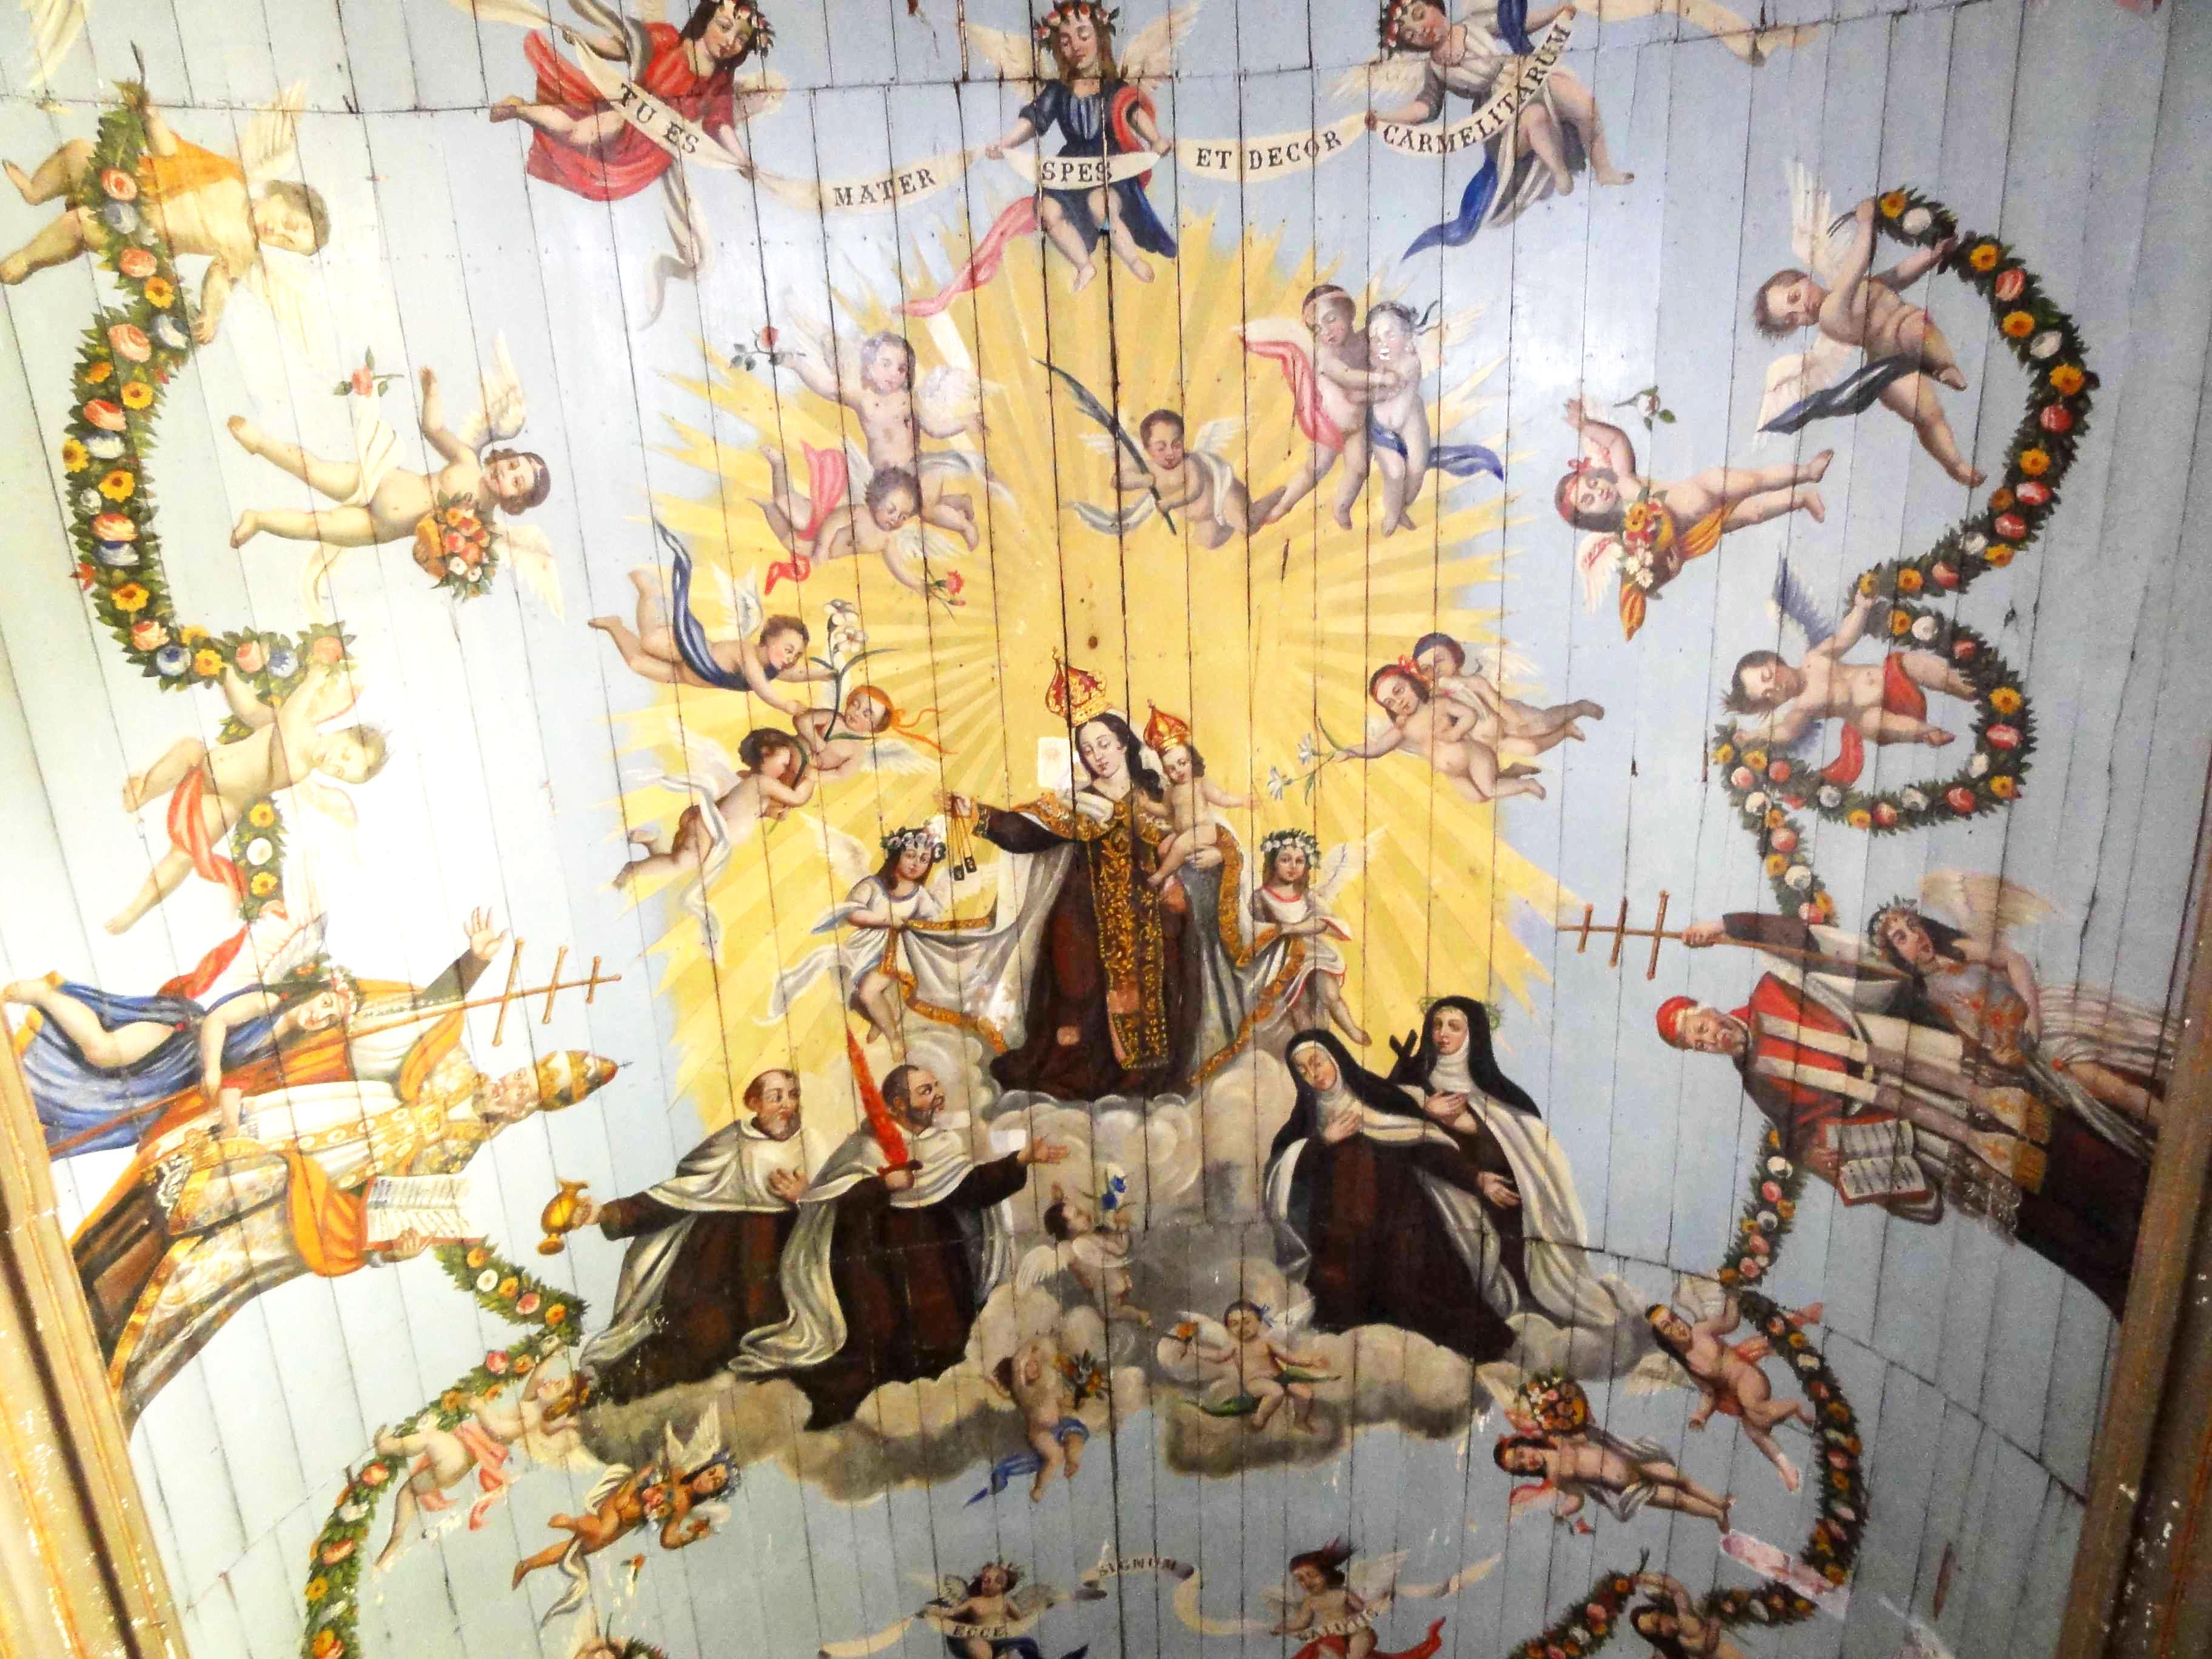 Pintura no teto da Igreja do Carmo, em Itu. Obra de Jesuíno reconhecida como patrimônio histórico brasileiro, tesouro do barroco colonial.